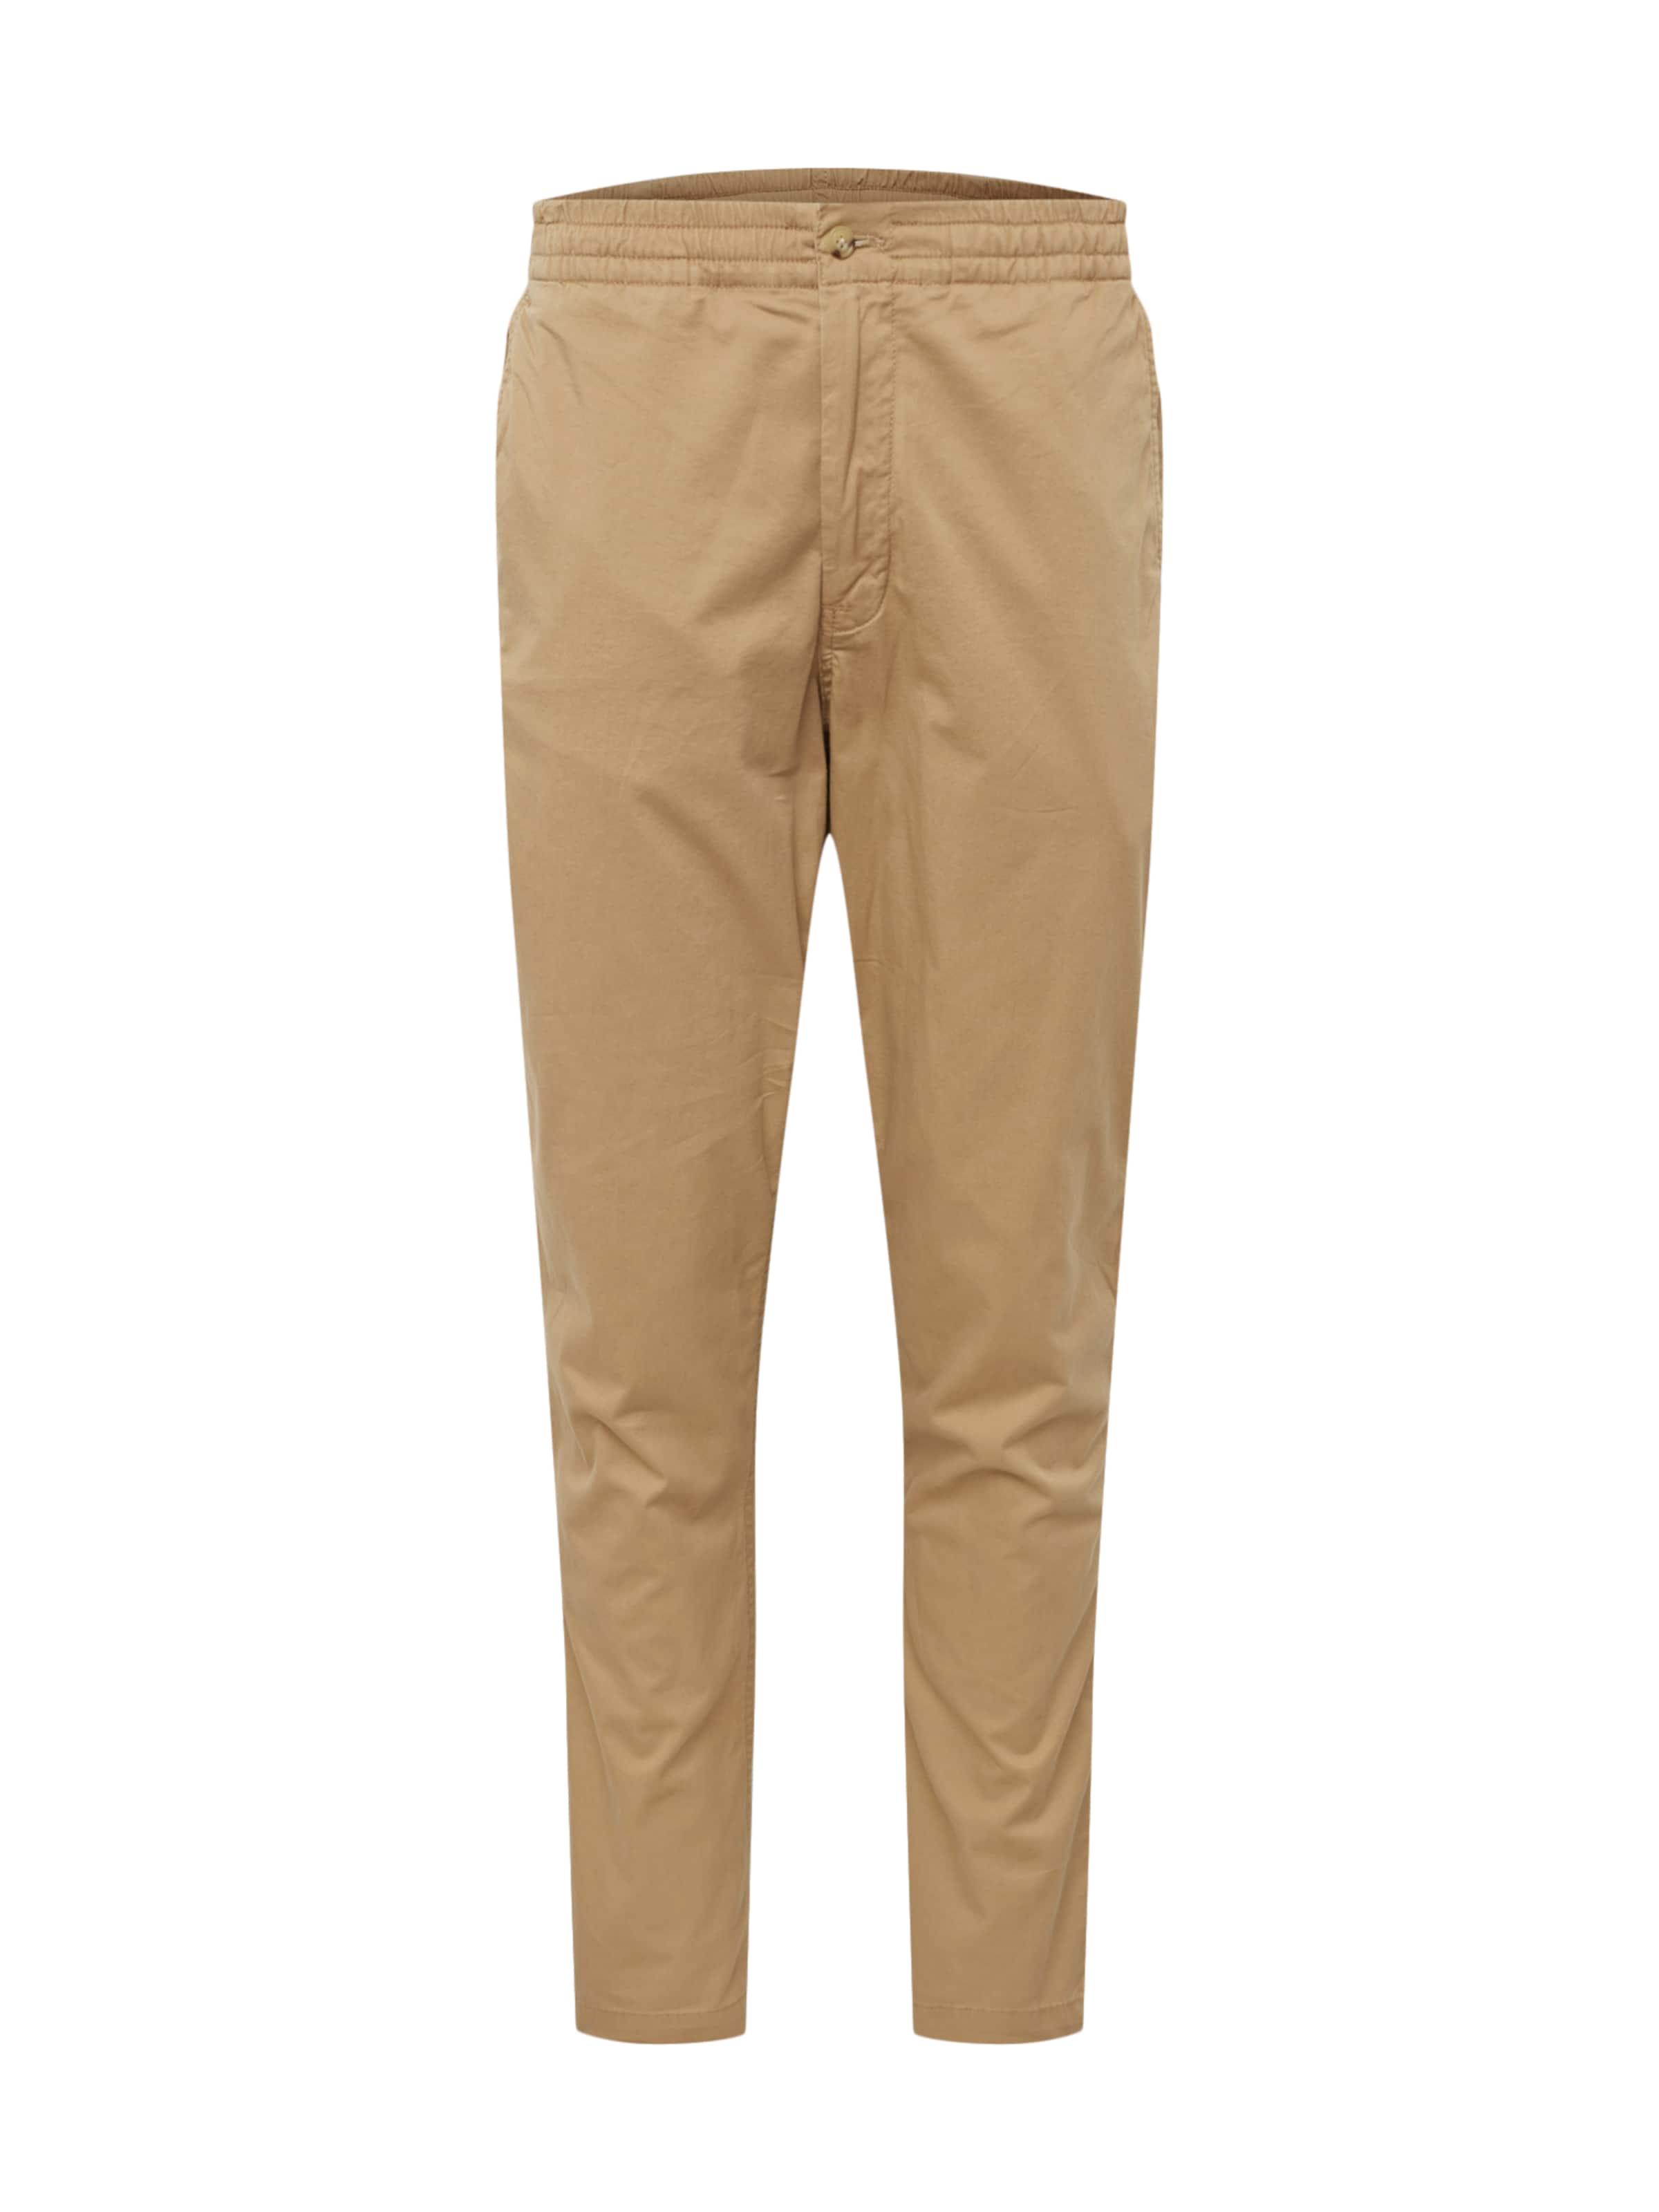 flat En Polo 'cfprepsterp Chino Pantalon Ralph Lauren pant' Beige BoxdCe